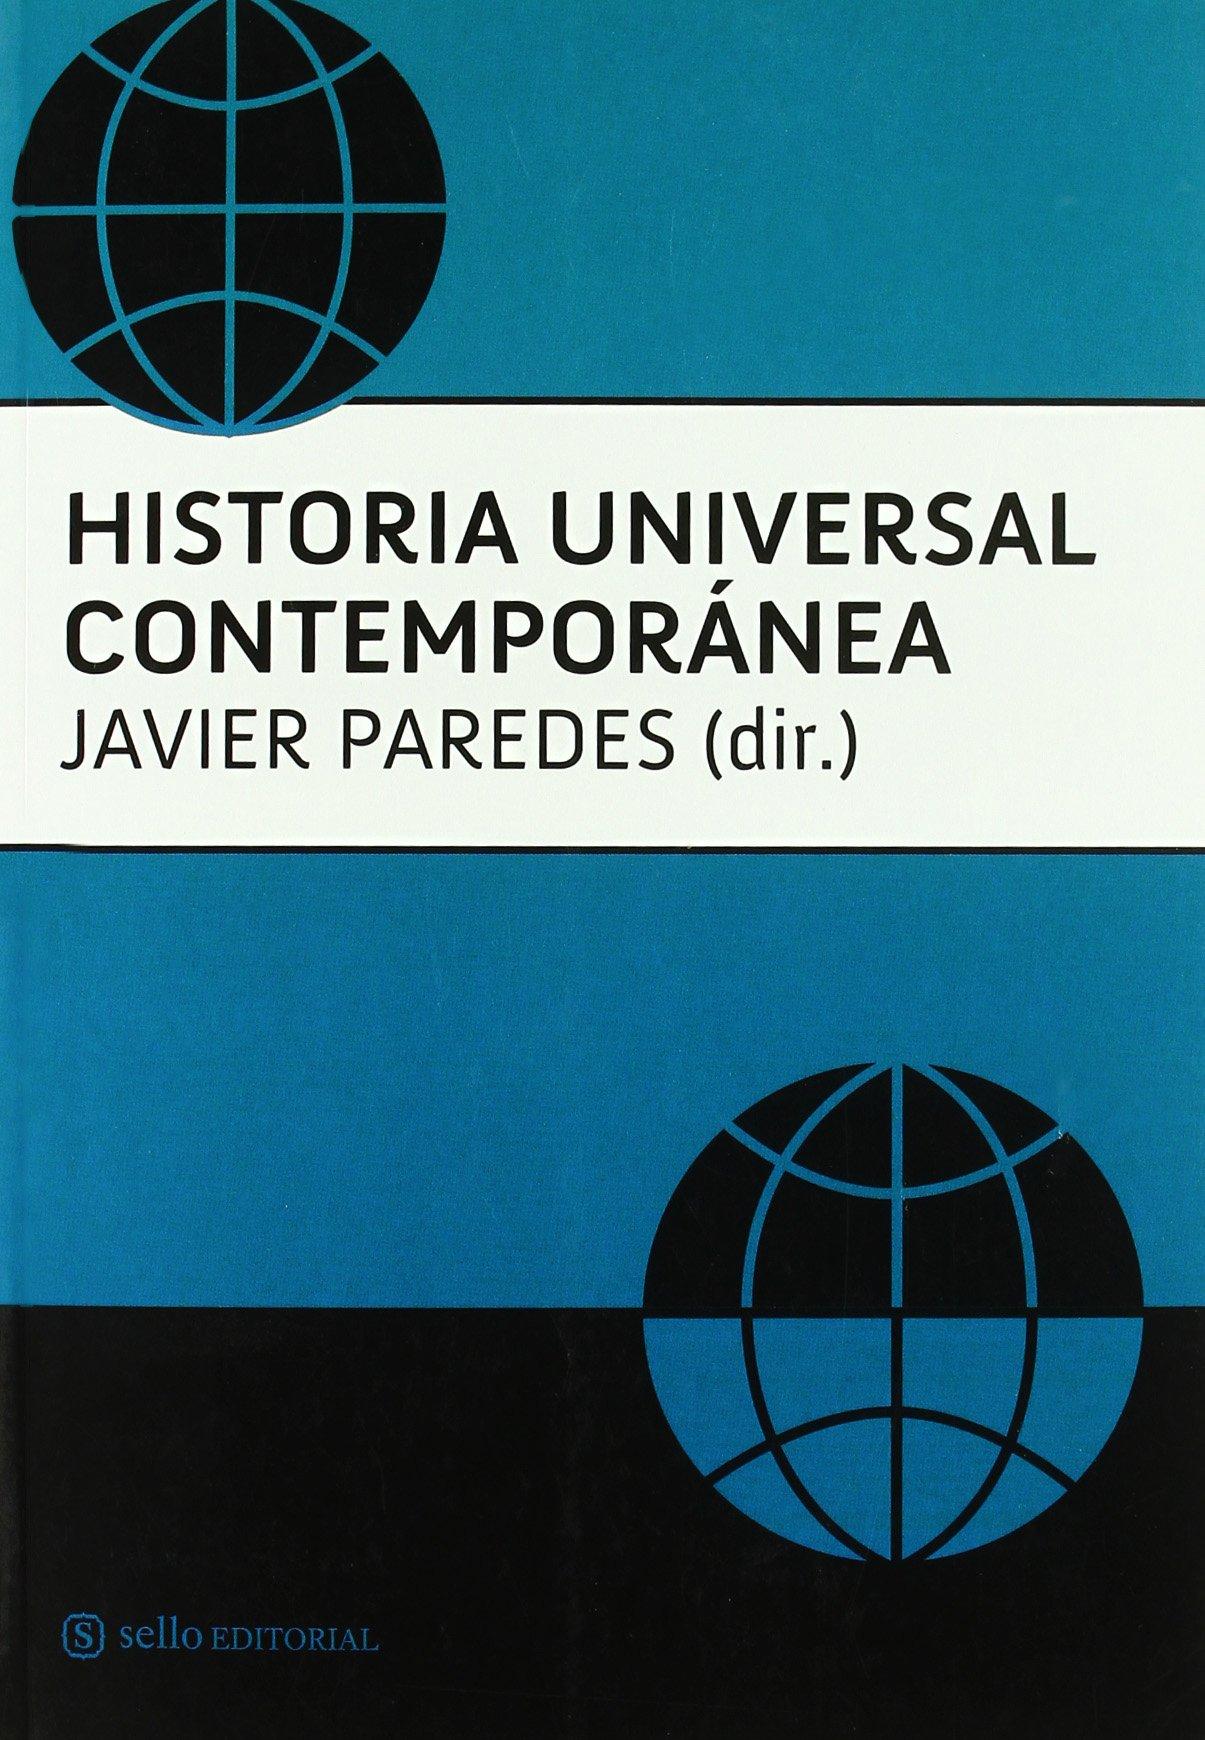 Historia Universal Contemporanea: Amazon.es: DE PAREDES,JAVIER: Libros